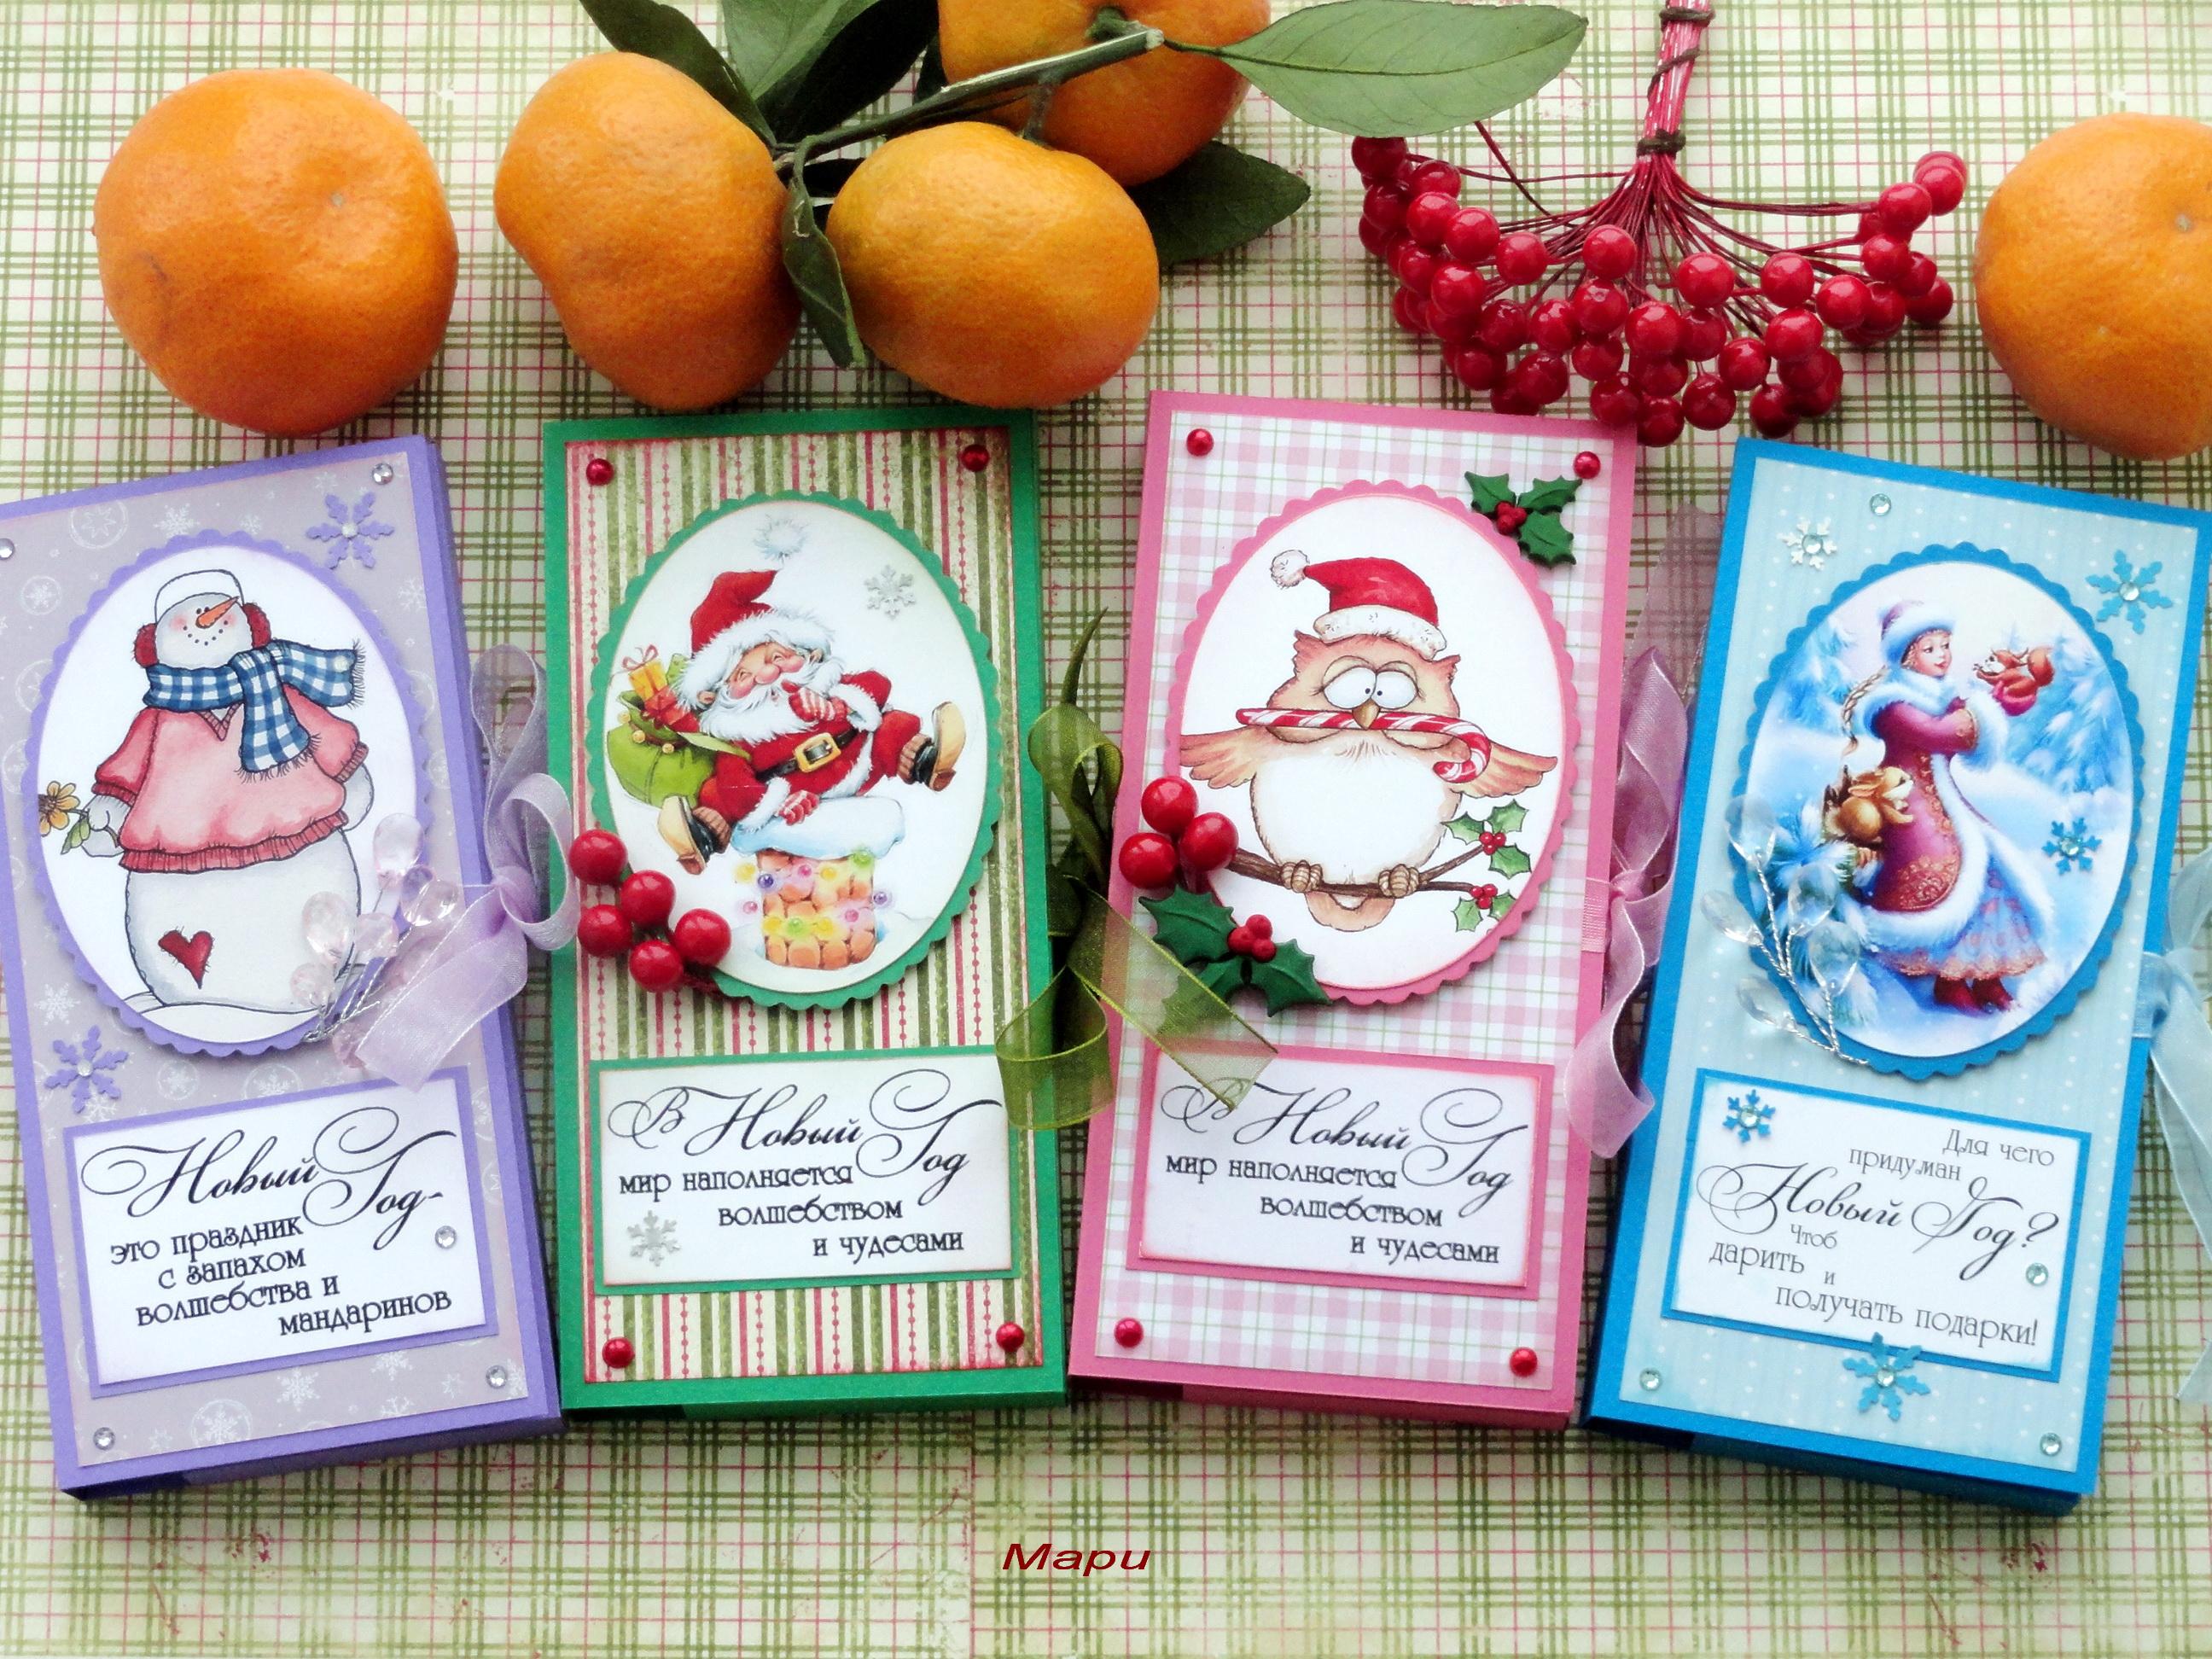 Сделать цветы, скрапбукинг открытка для шоколадки